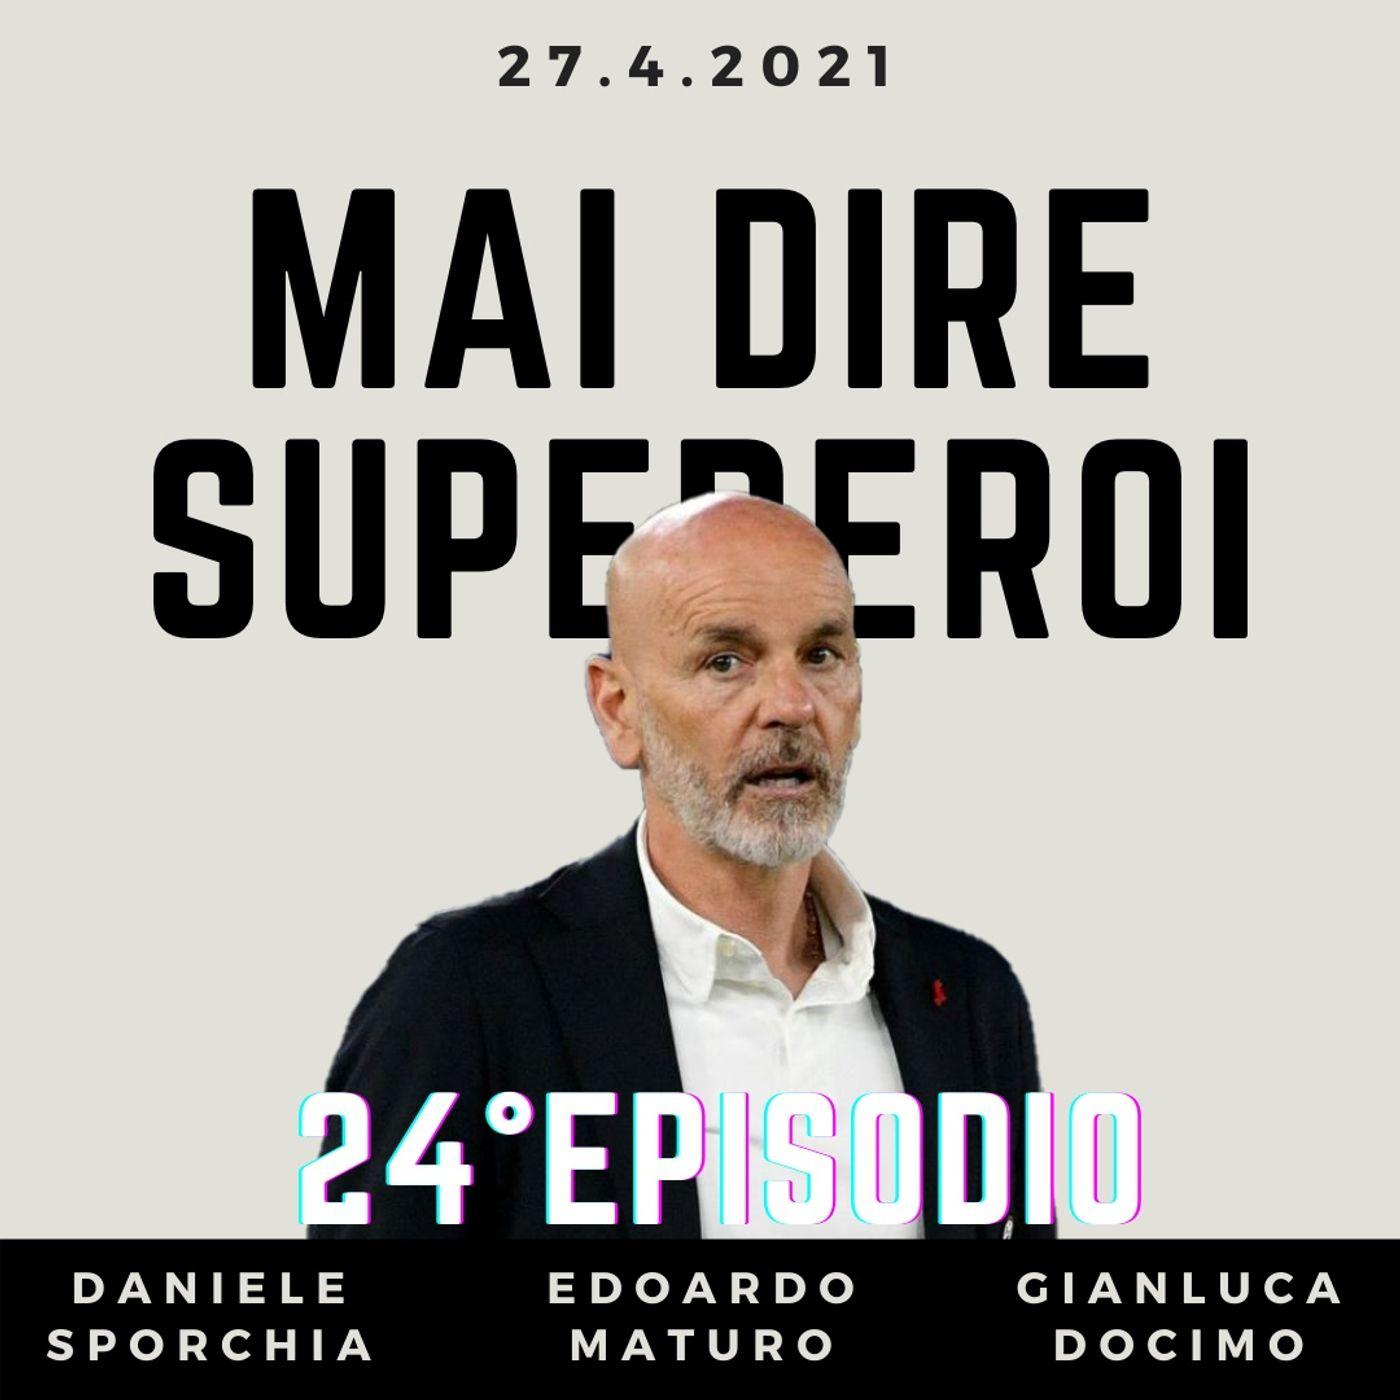 MAI DIRE SUPEREROI - 24° EPISODIO (UOMINI IN BILICO)